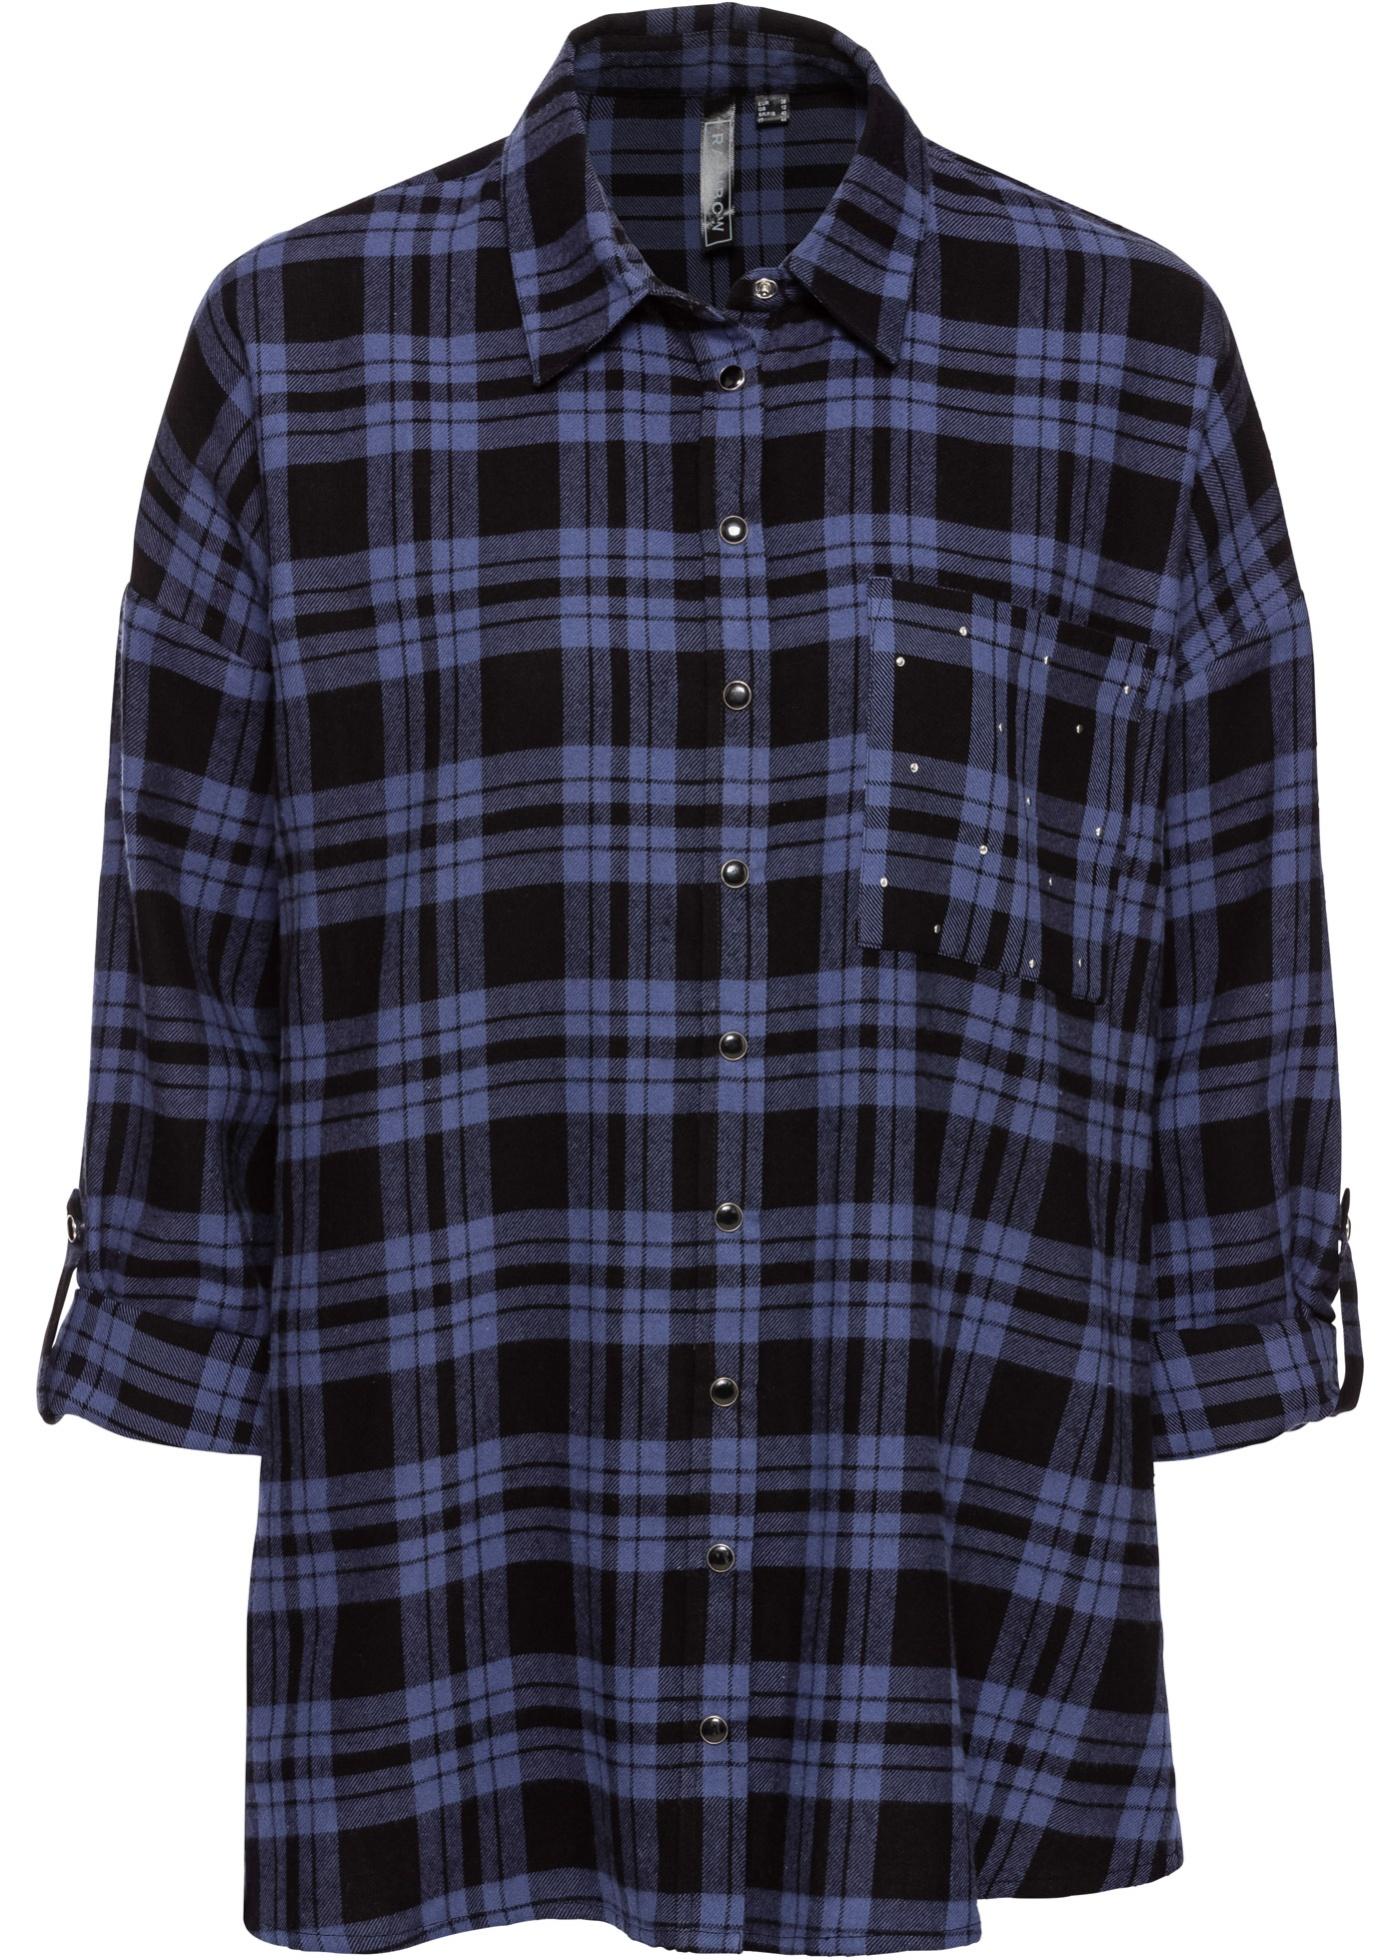 422fc3409c16 Flanelová košile s nýty - Modrá